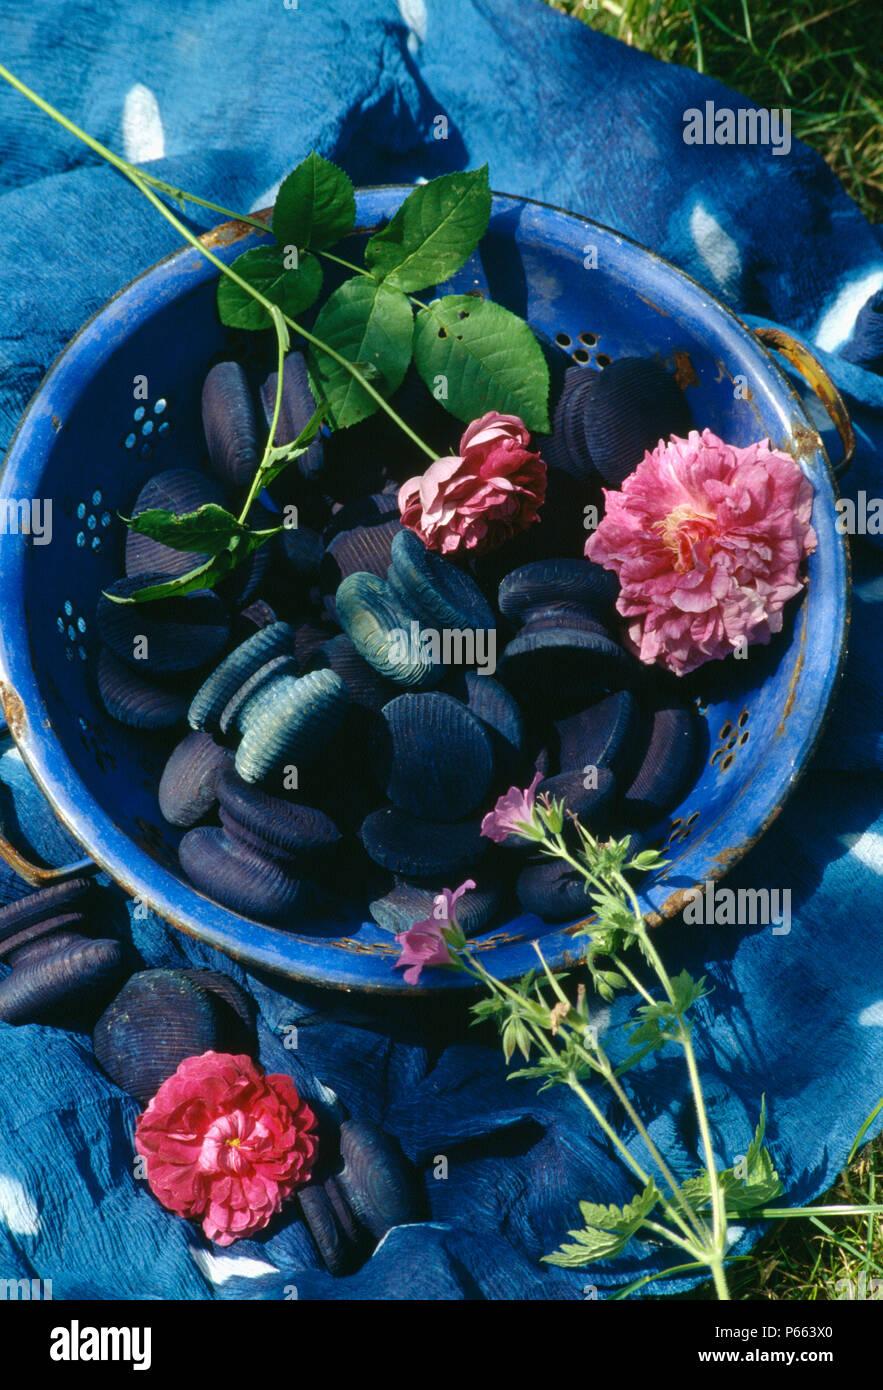 Still Life Single Rosa Rosen Mit Indigo Gefärbt Tür Knöpfe In Blauer  Schüssel Auf Blau Indigo Gefärbten Stoff